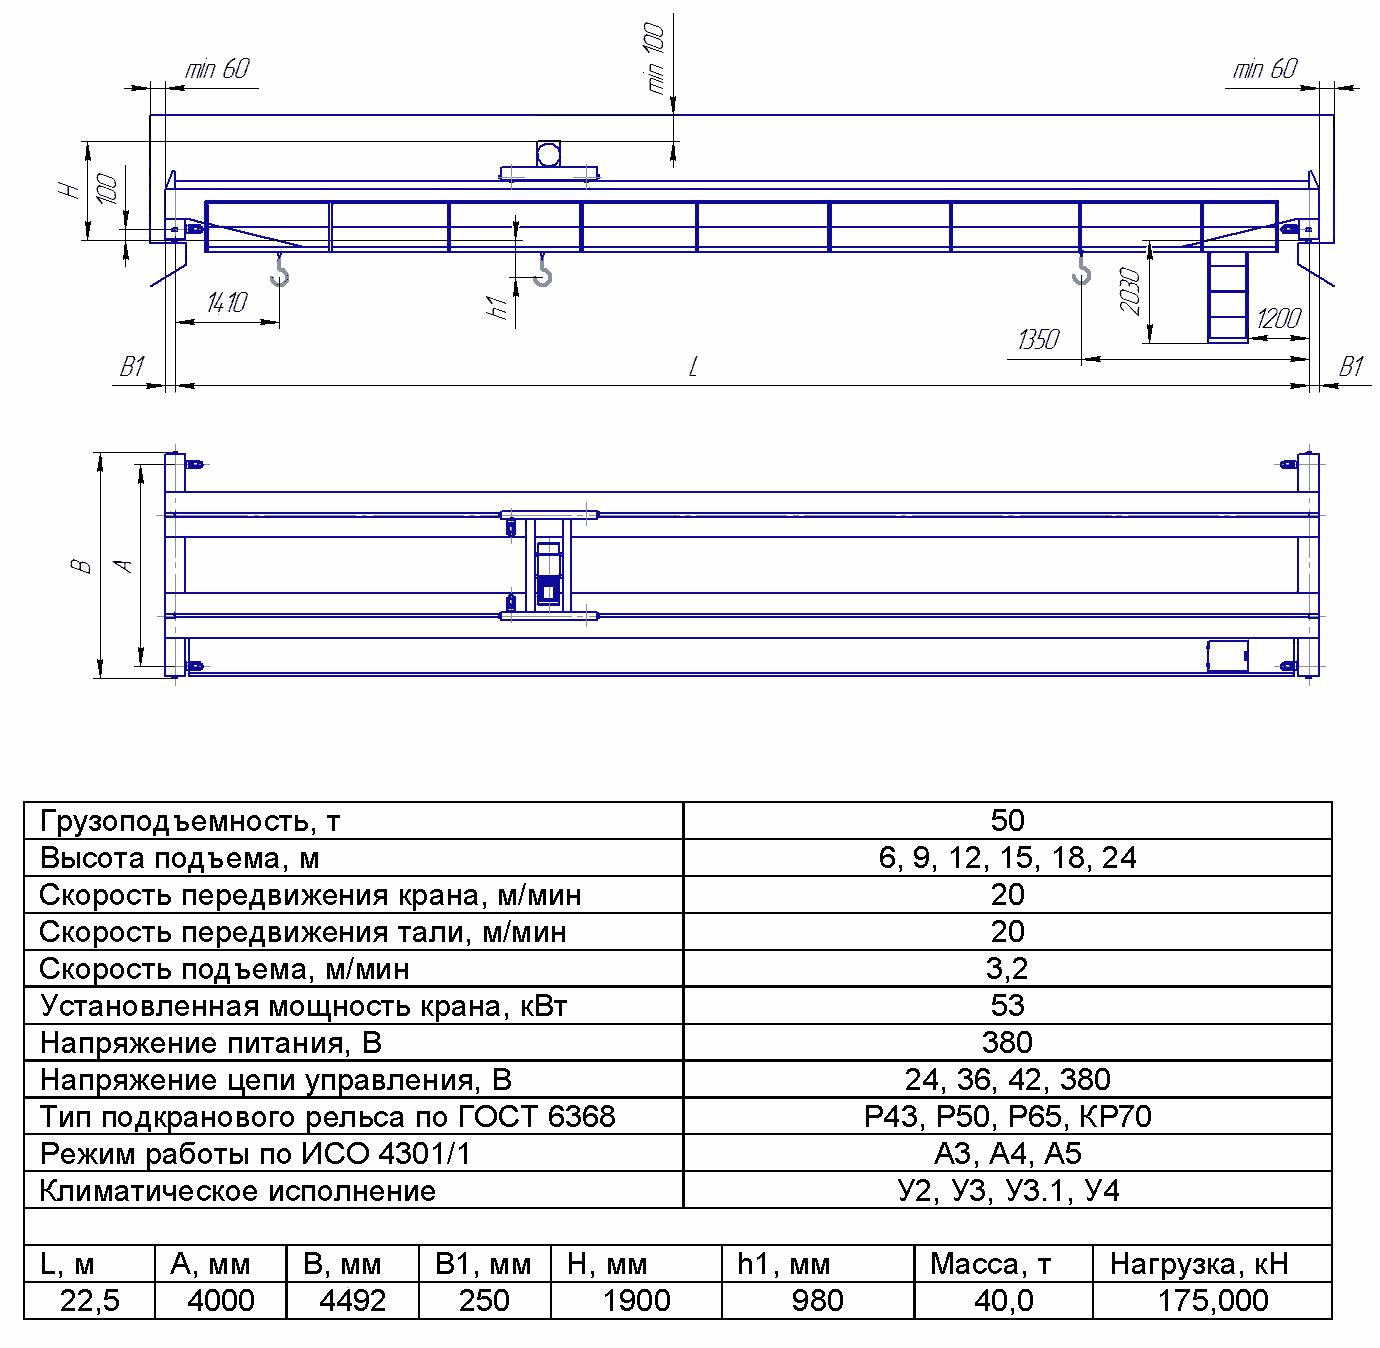 KMON 8 5 - Опорный мостовой кран общего назначения